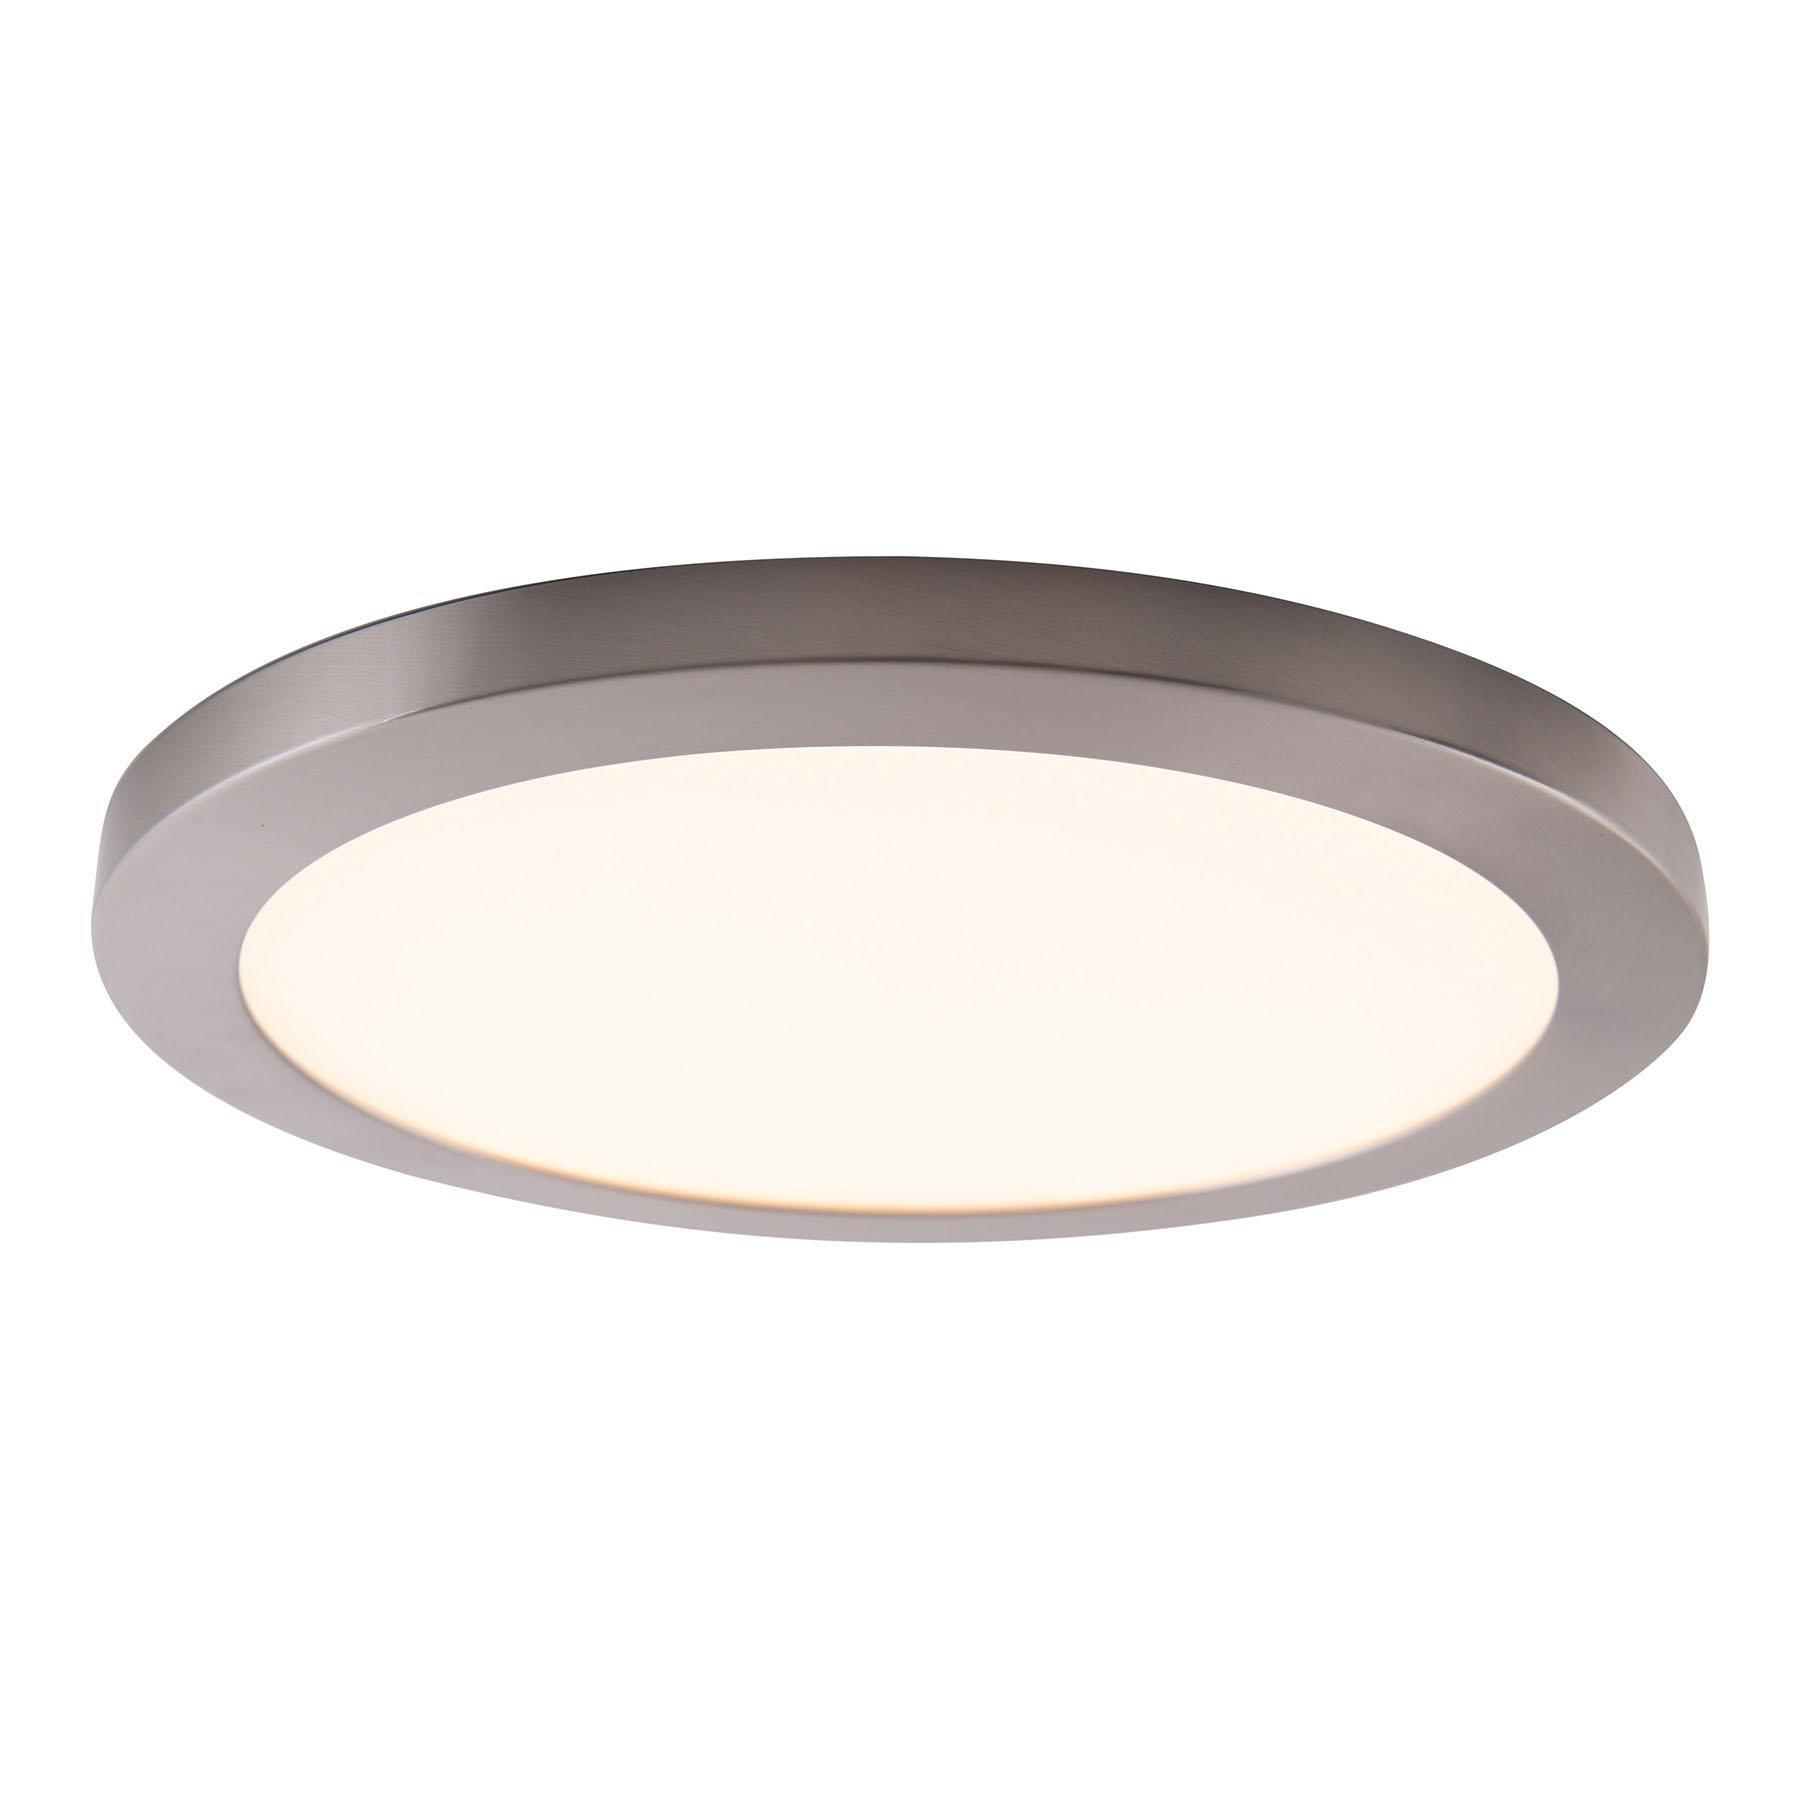 LED plafondlamp Bonus, magnetische ring Ø 33 cm